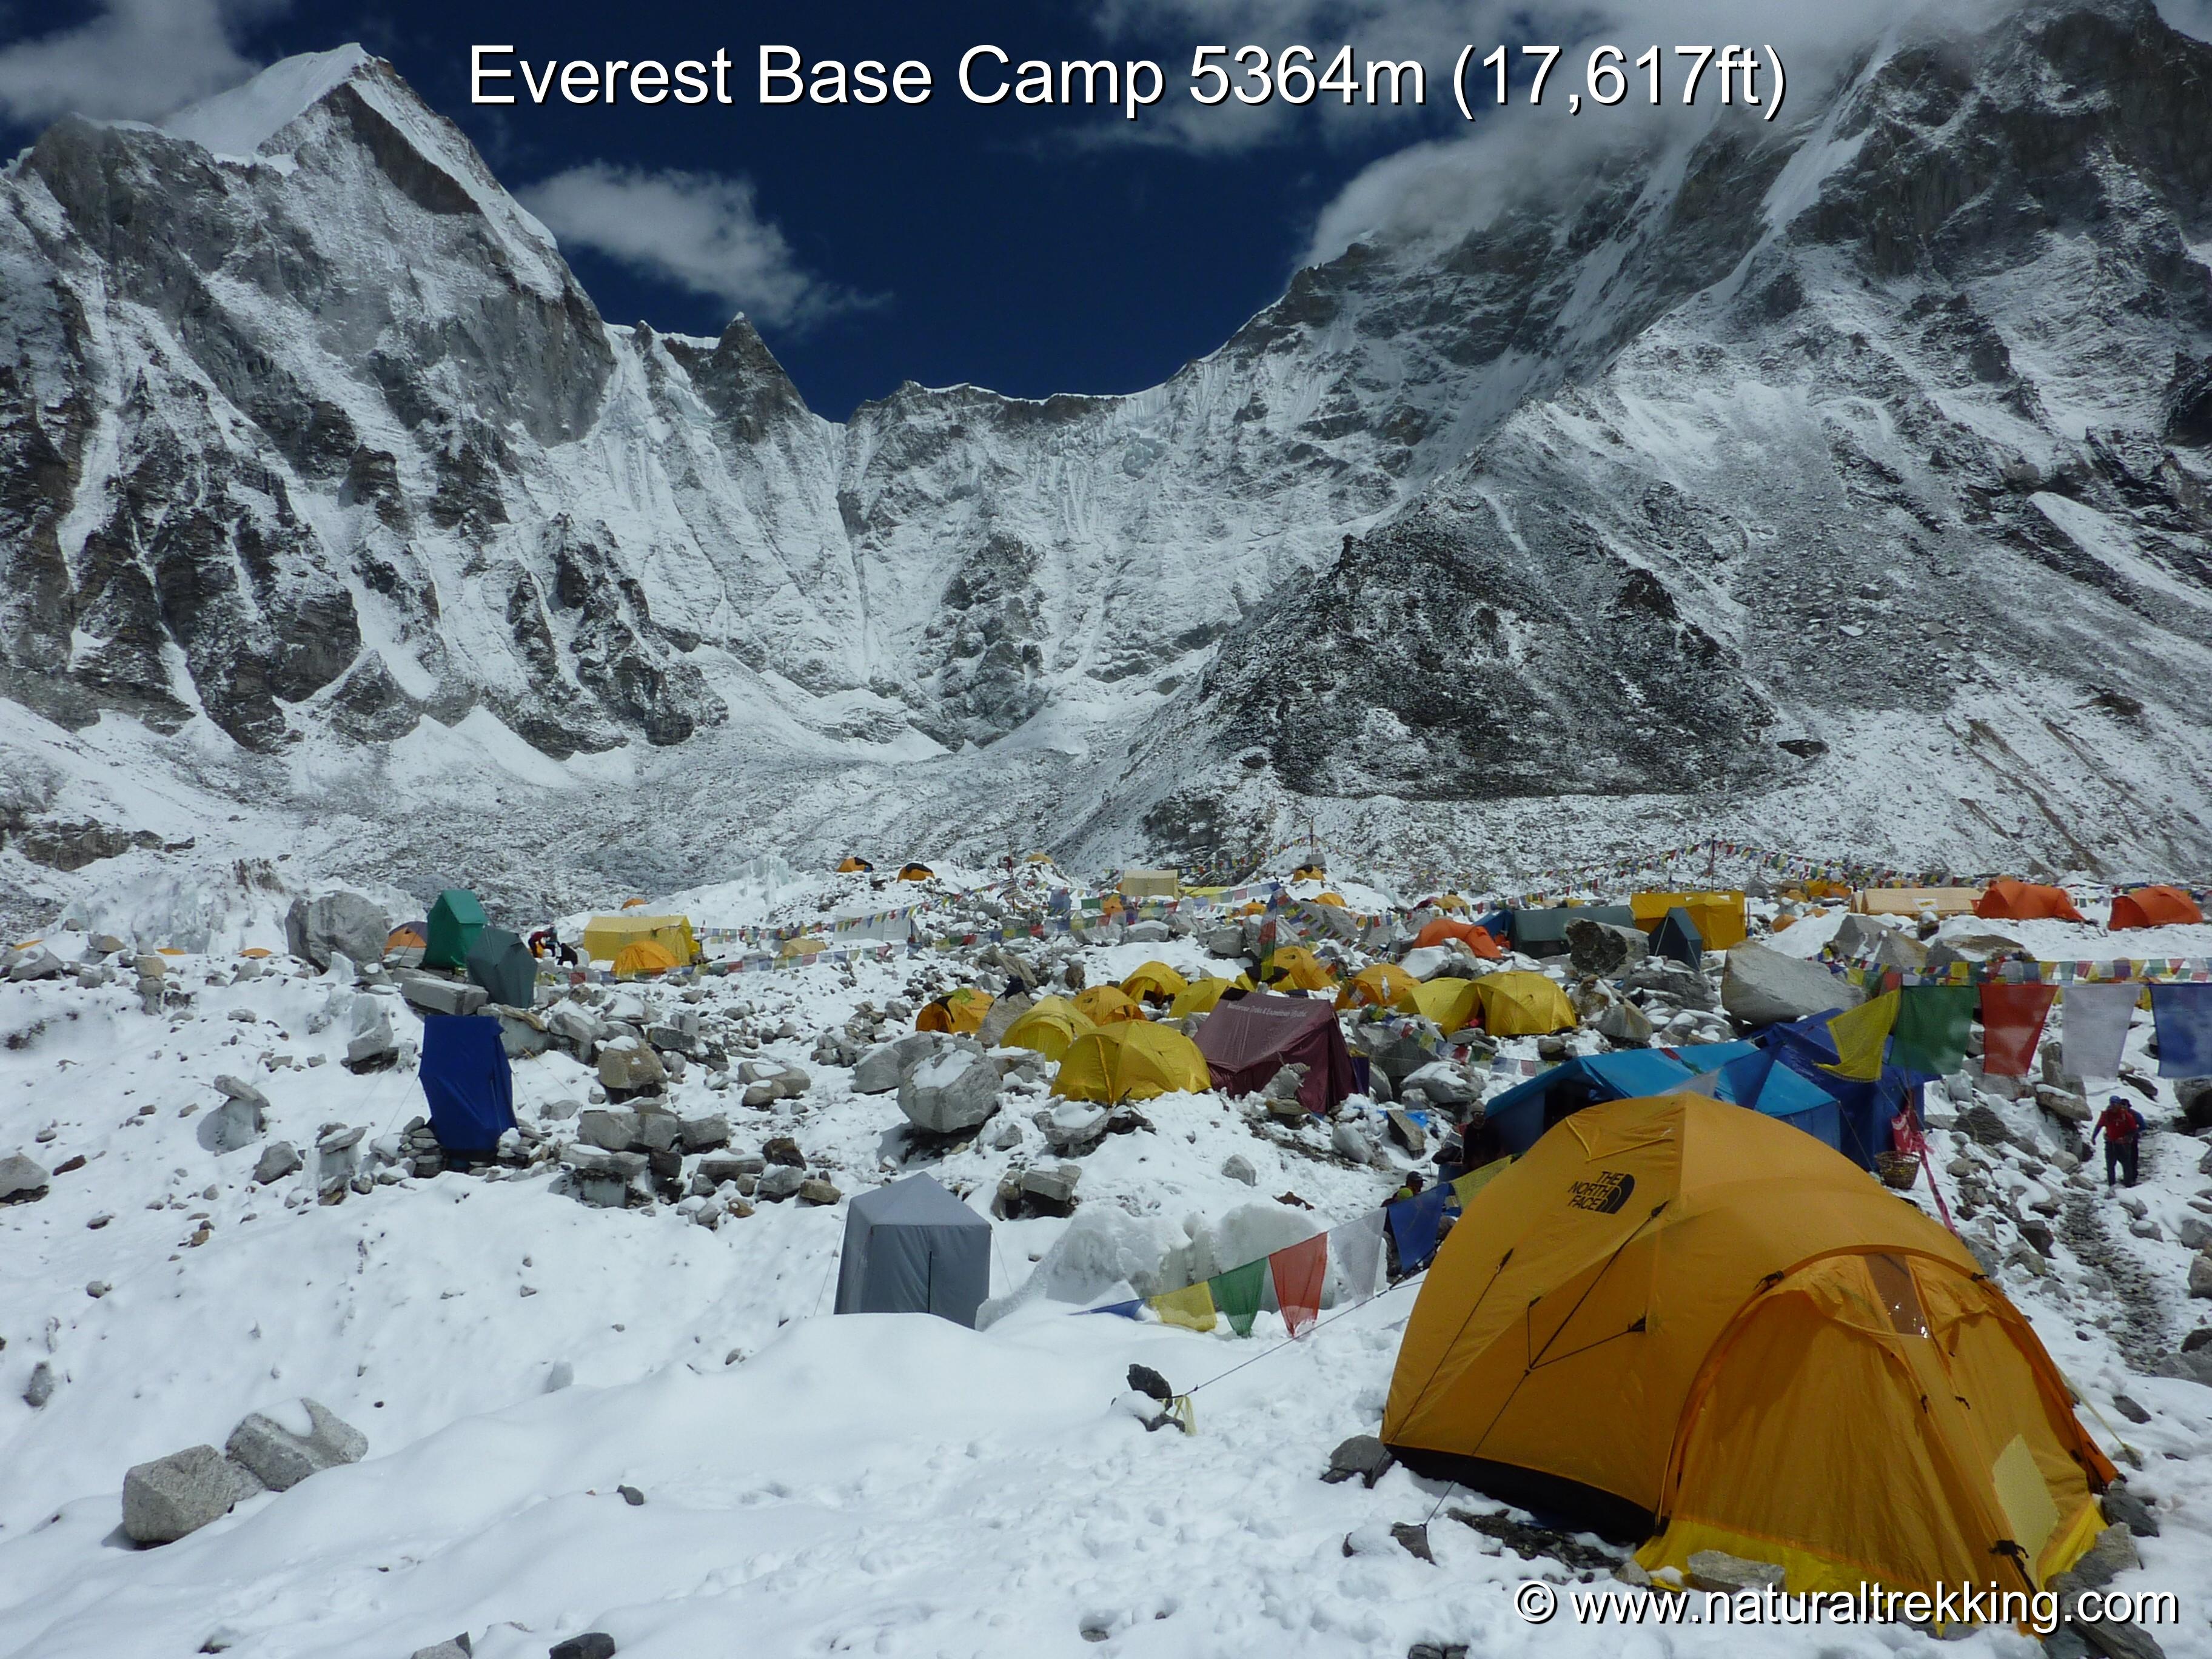 everest base camp presentation natural trekking. Black Bedroom Furniture Sets. Home Design Ideas